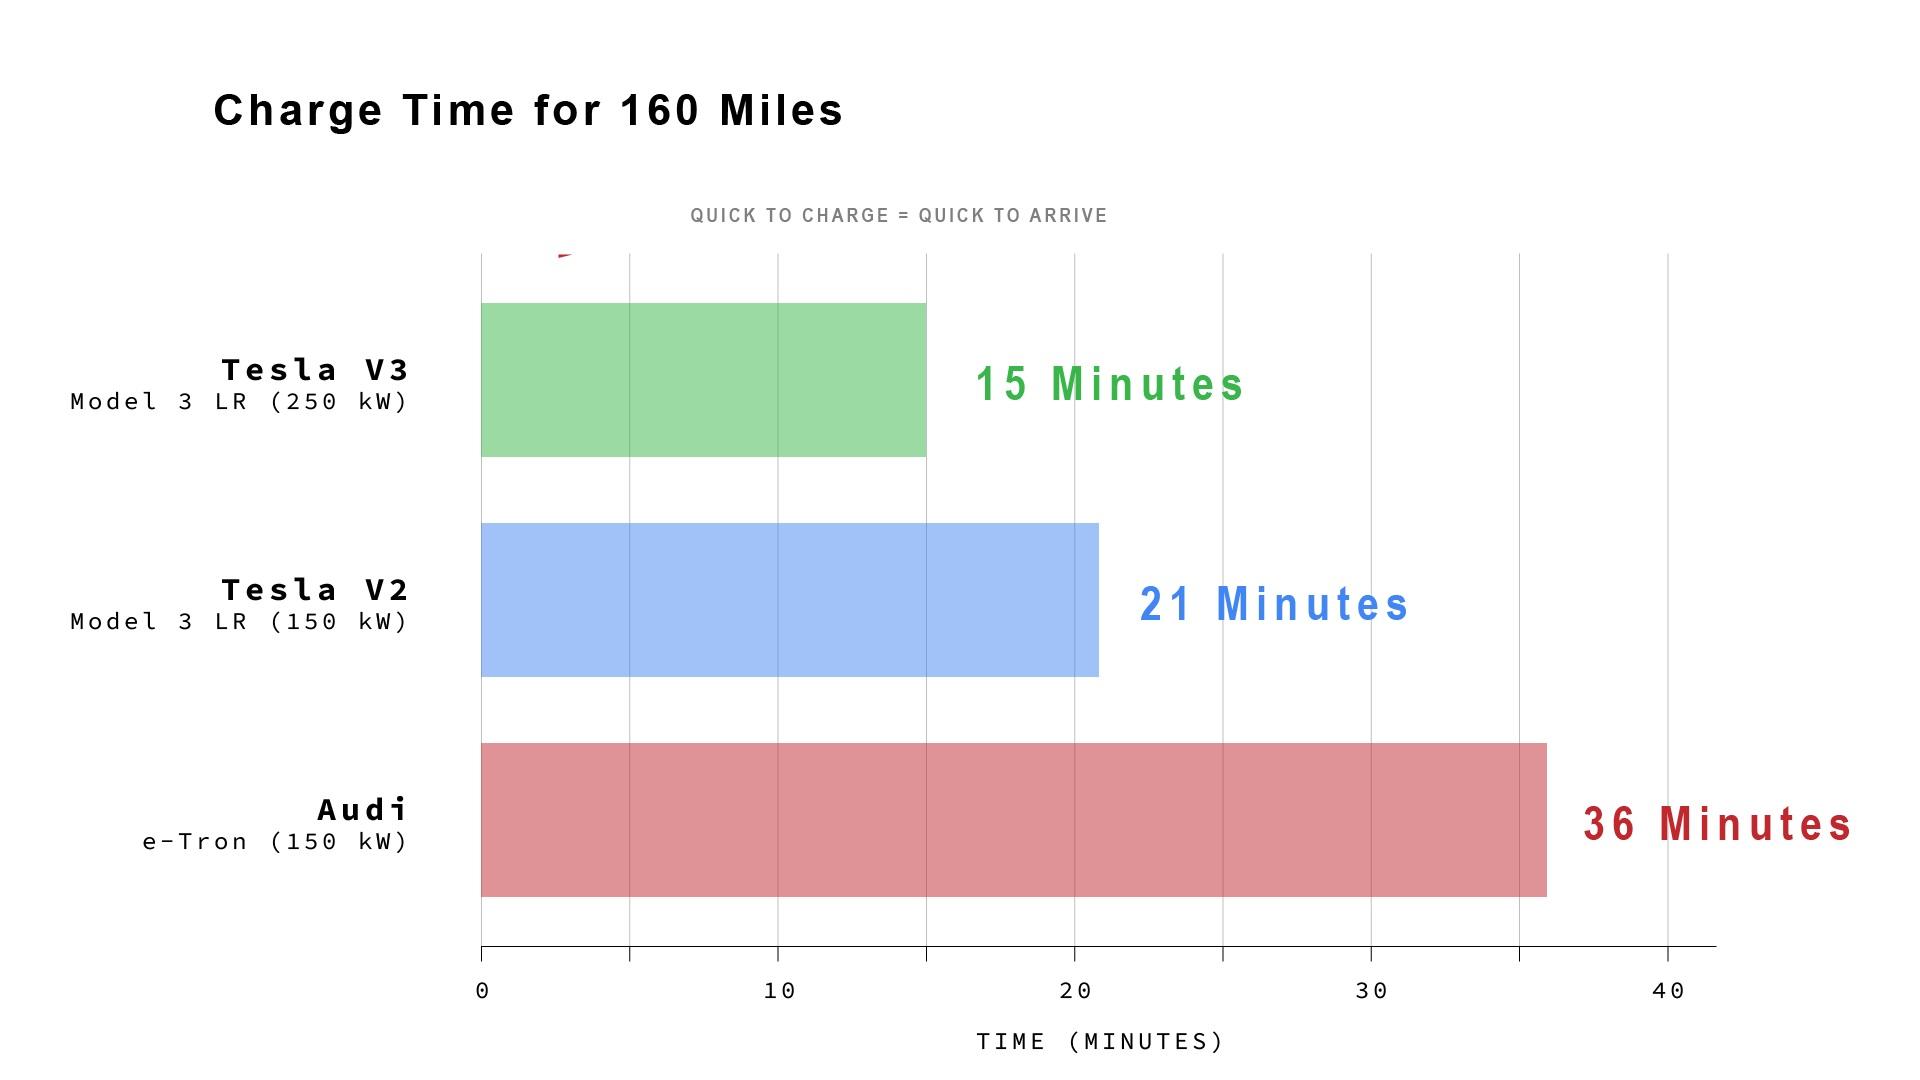 A Cleantechnica számításai szerint kétszer gyorsabb a Model 3 töltése mint az Audié.